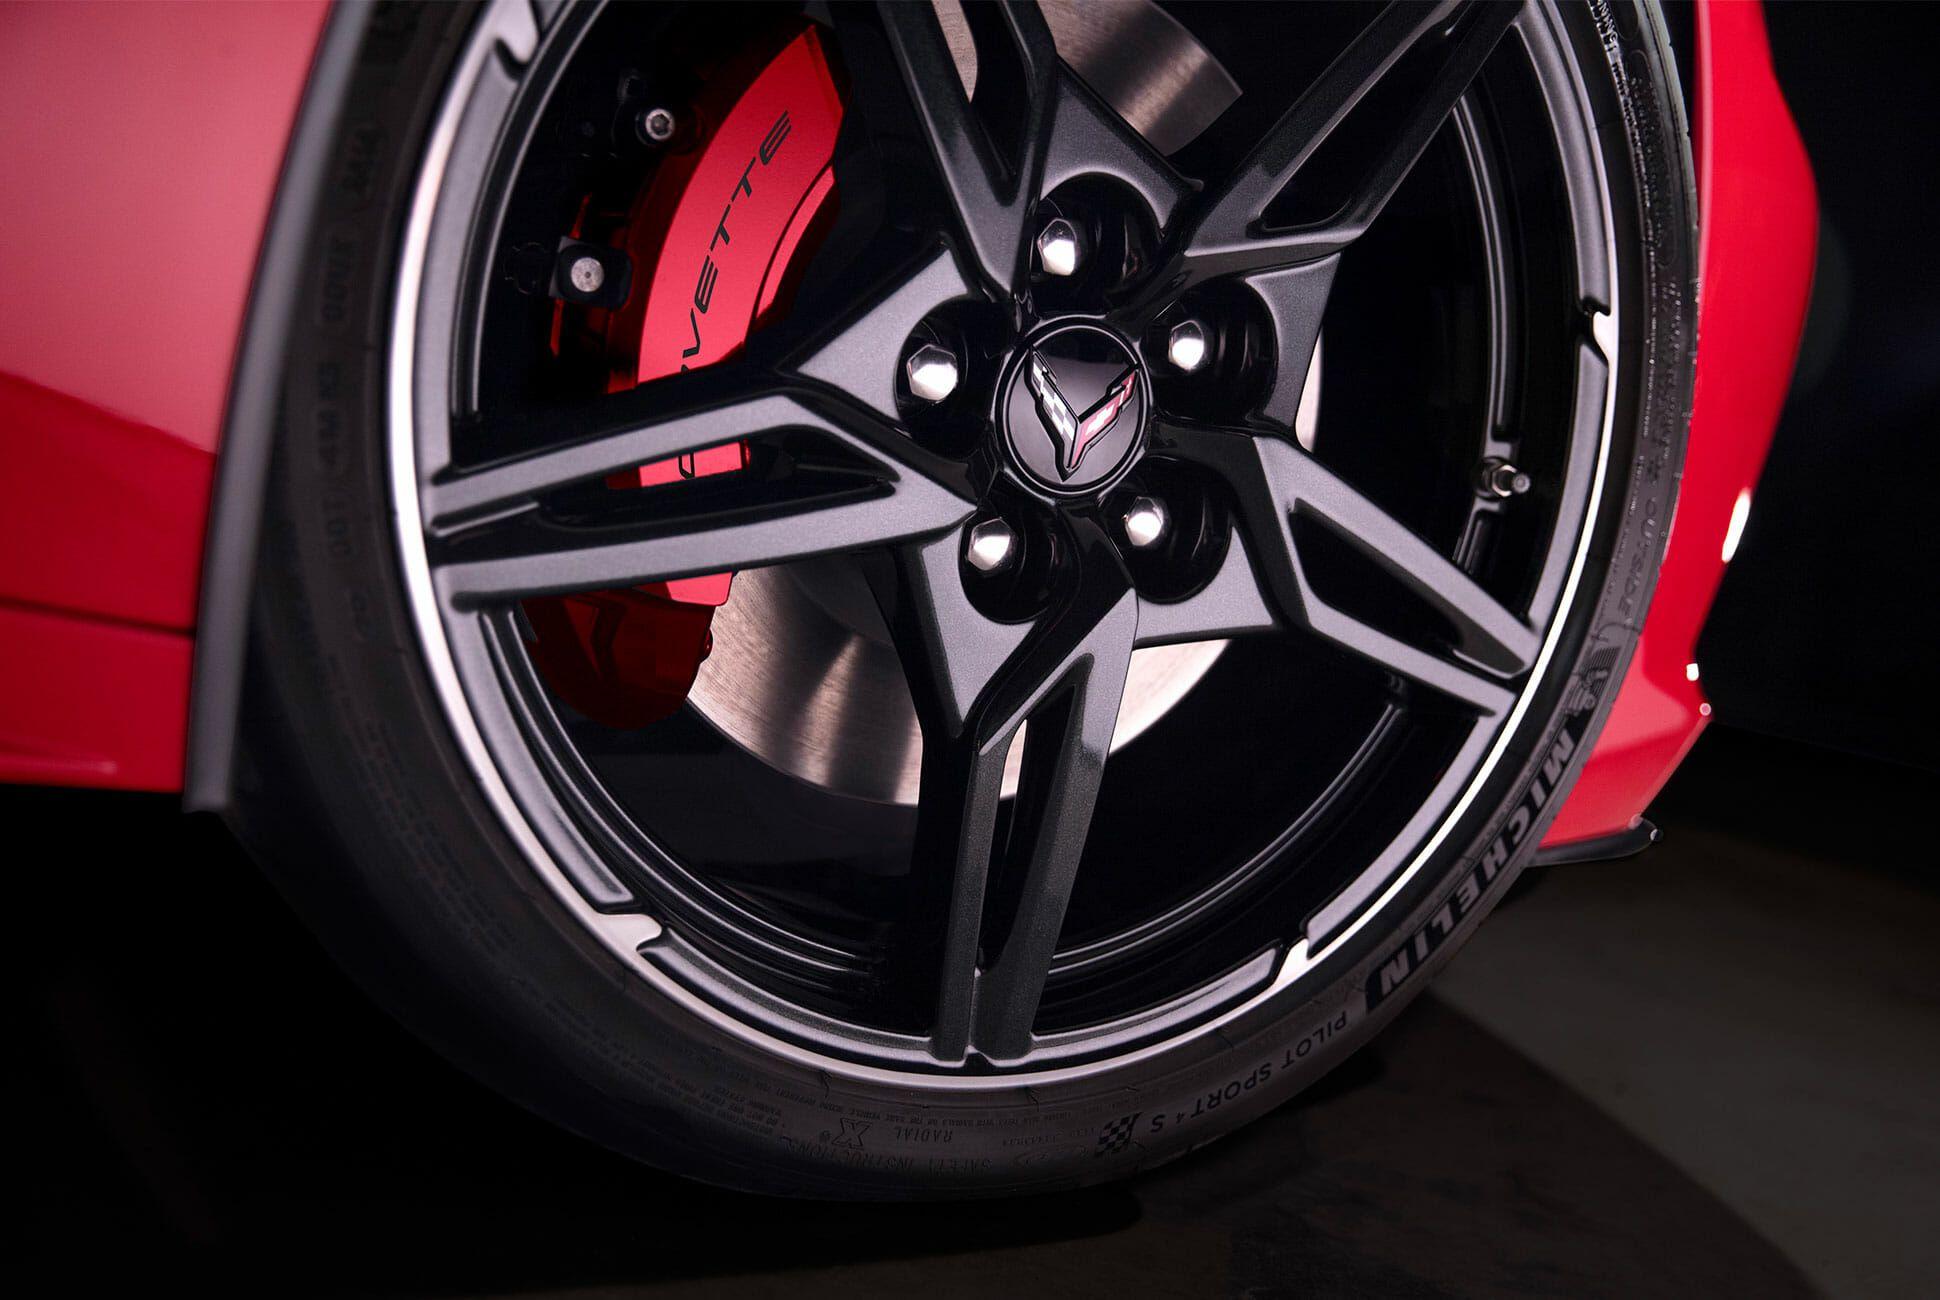 2020-Chevrolet-Corvette-Stingray-gear-patrol-slide-10